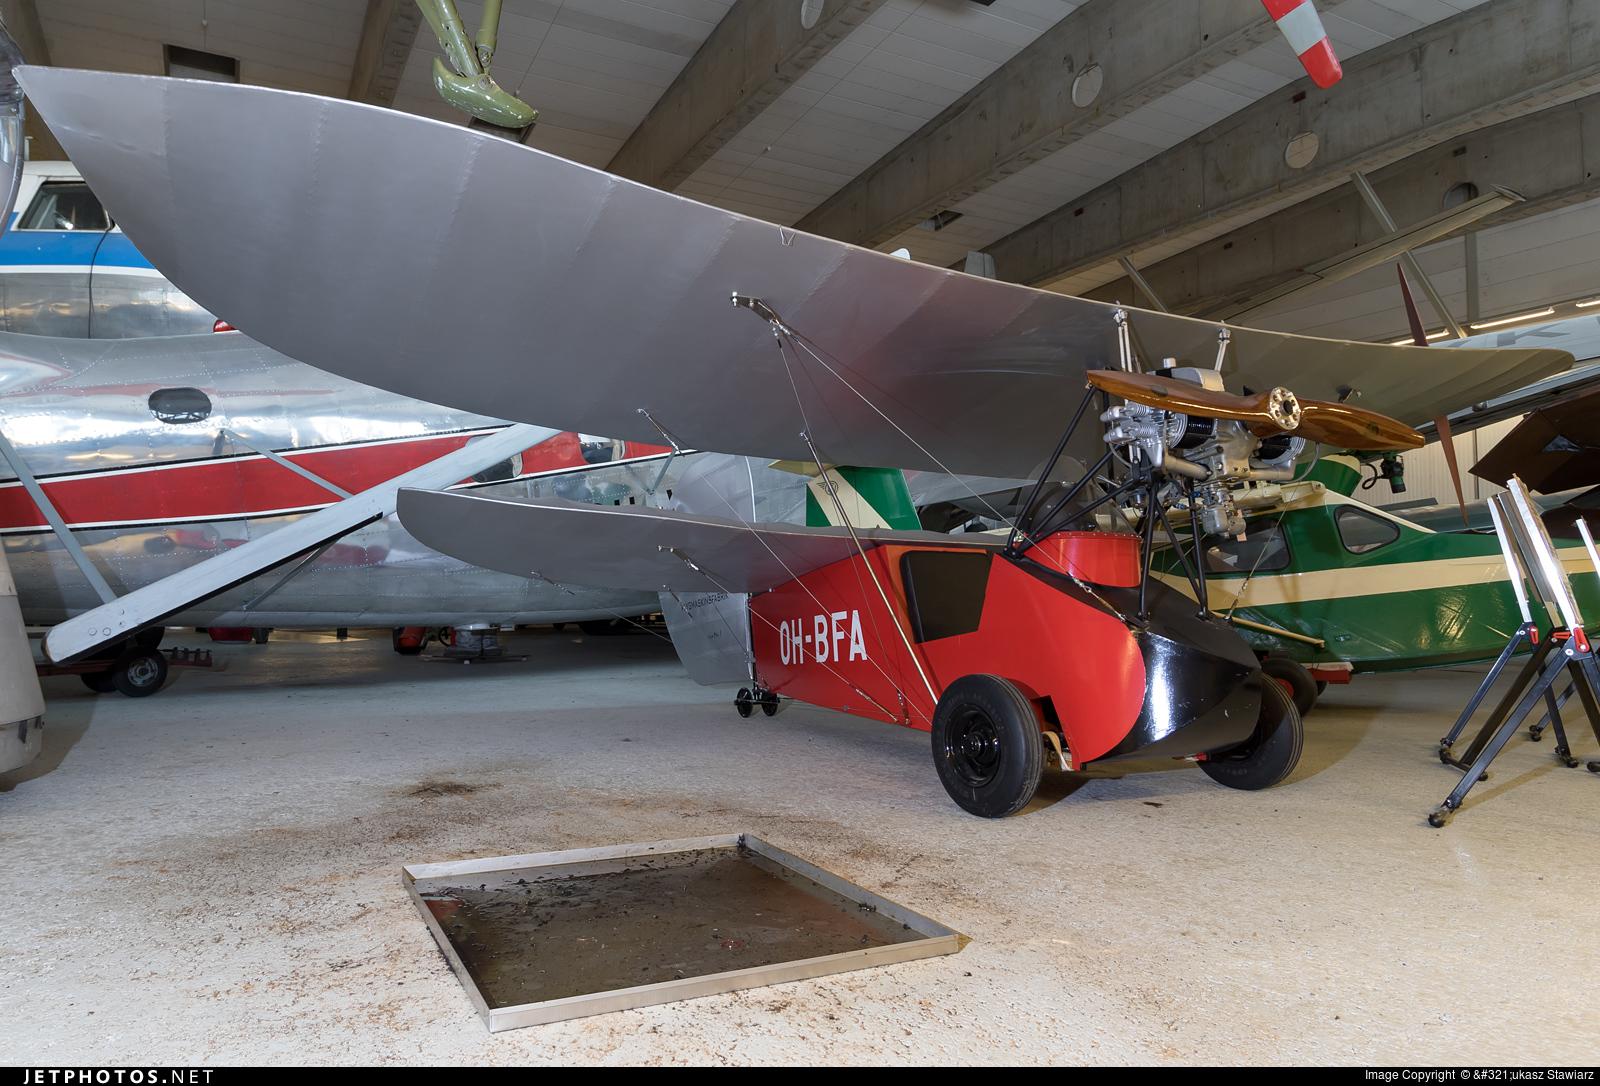 OH-BFA - Mignet HM-14 Pou du Ciel - Private